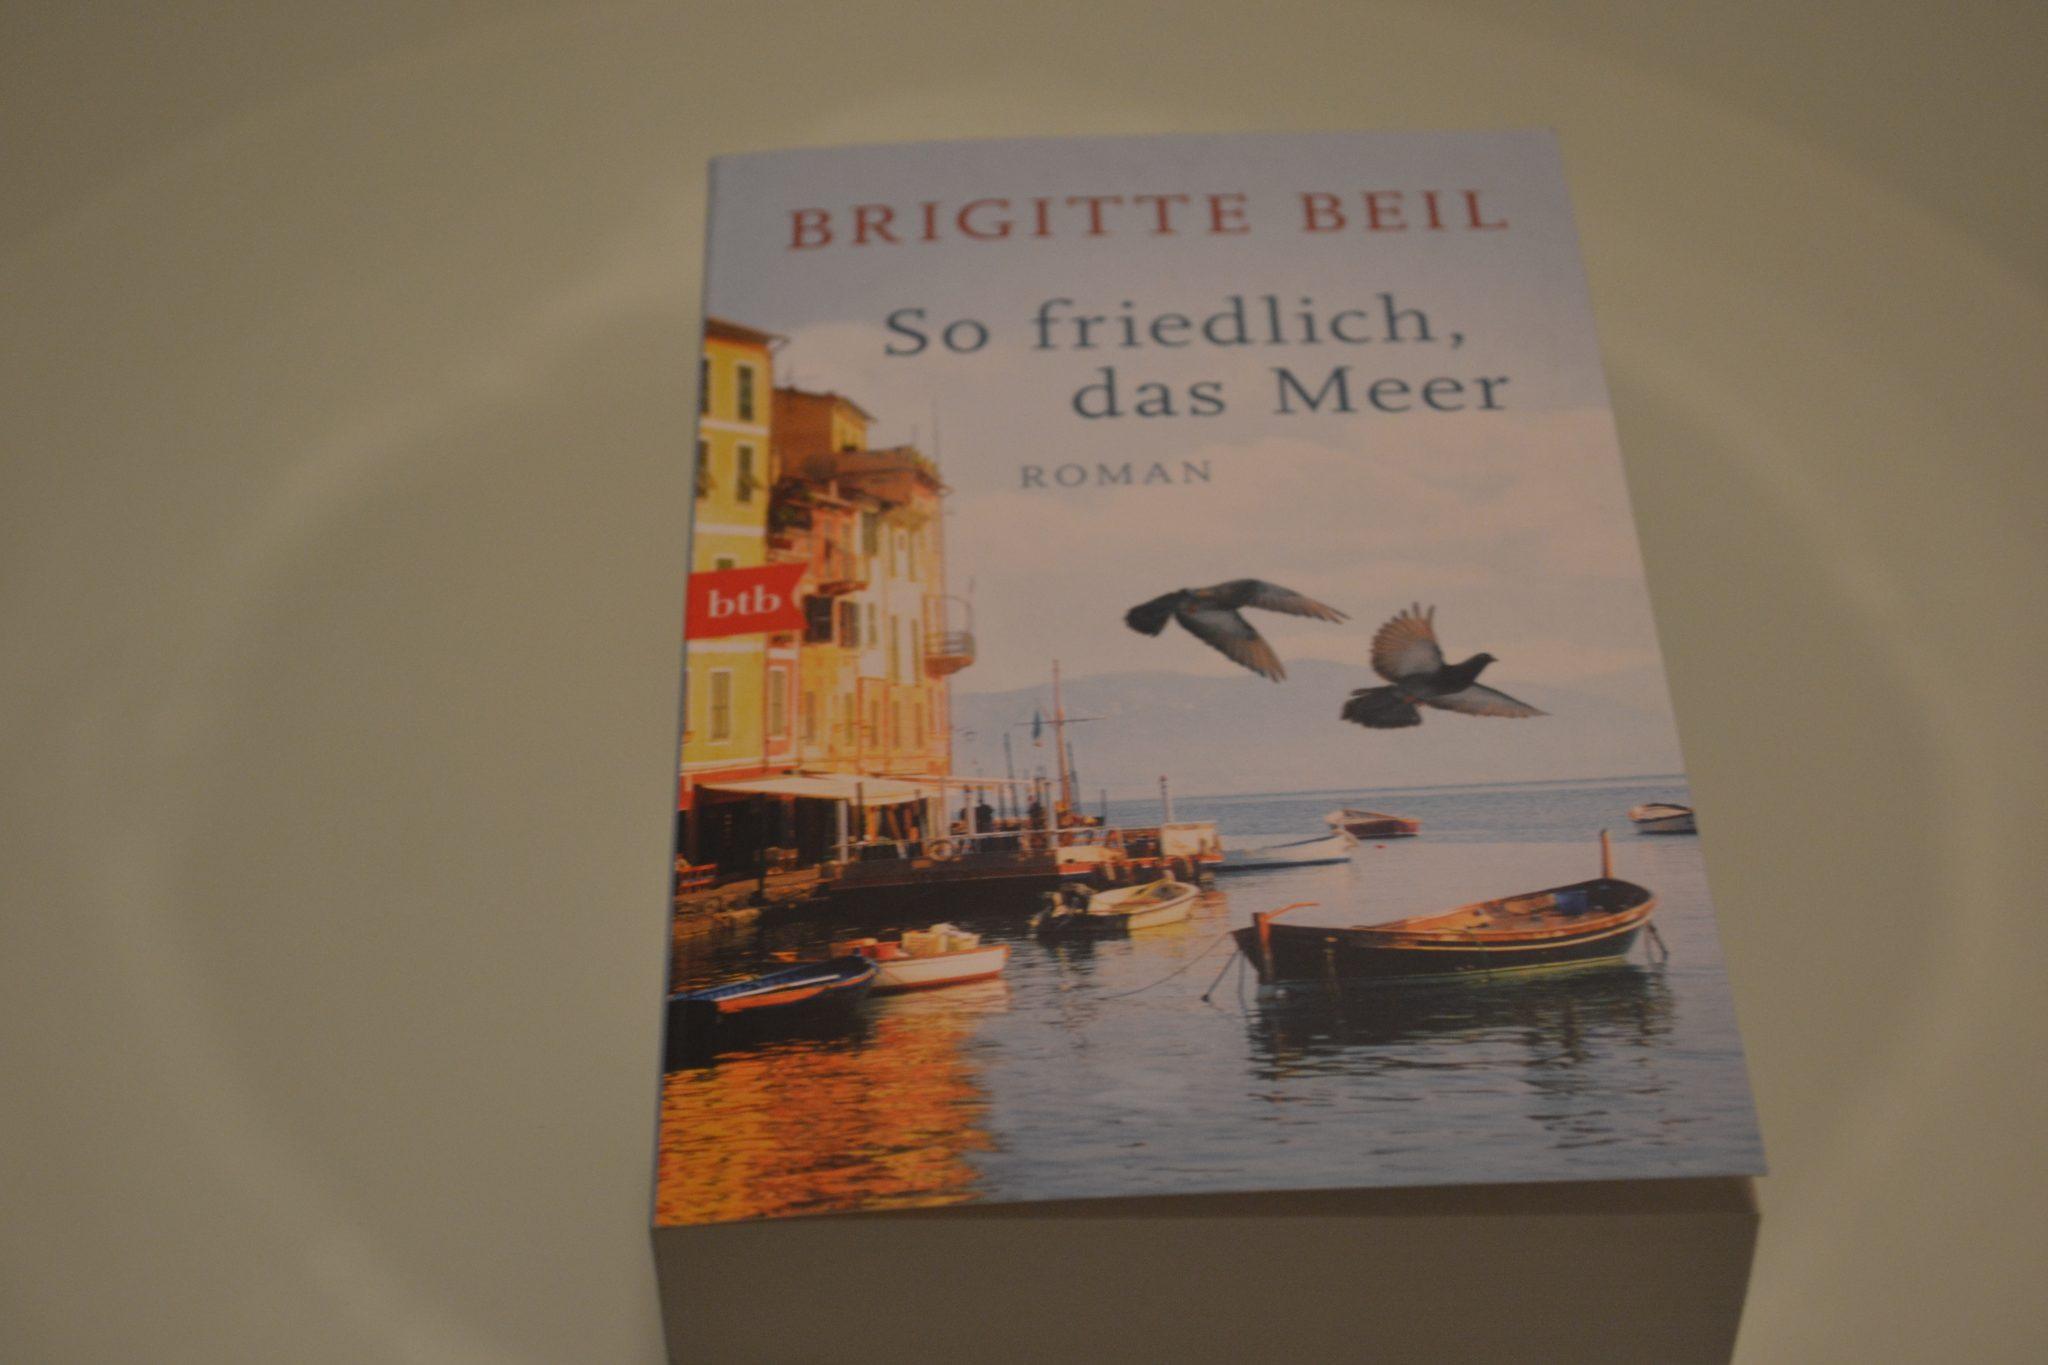 Books: So friedlich, das Meer | Brigitte Beil - DSC 0376